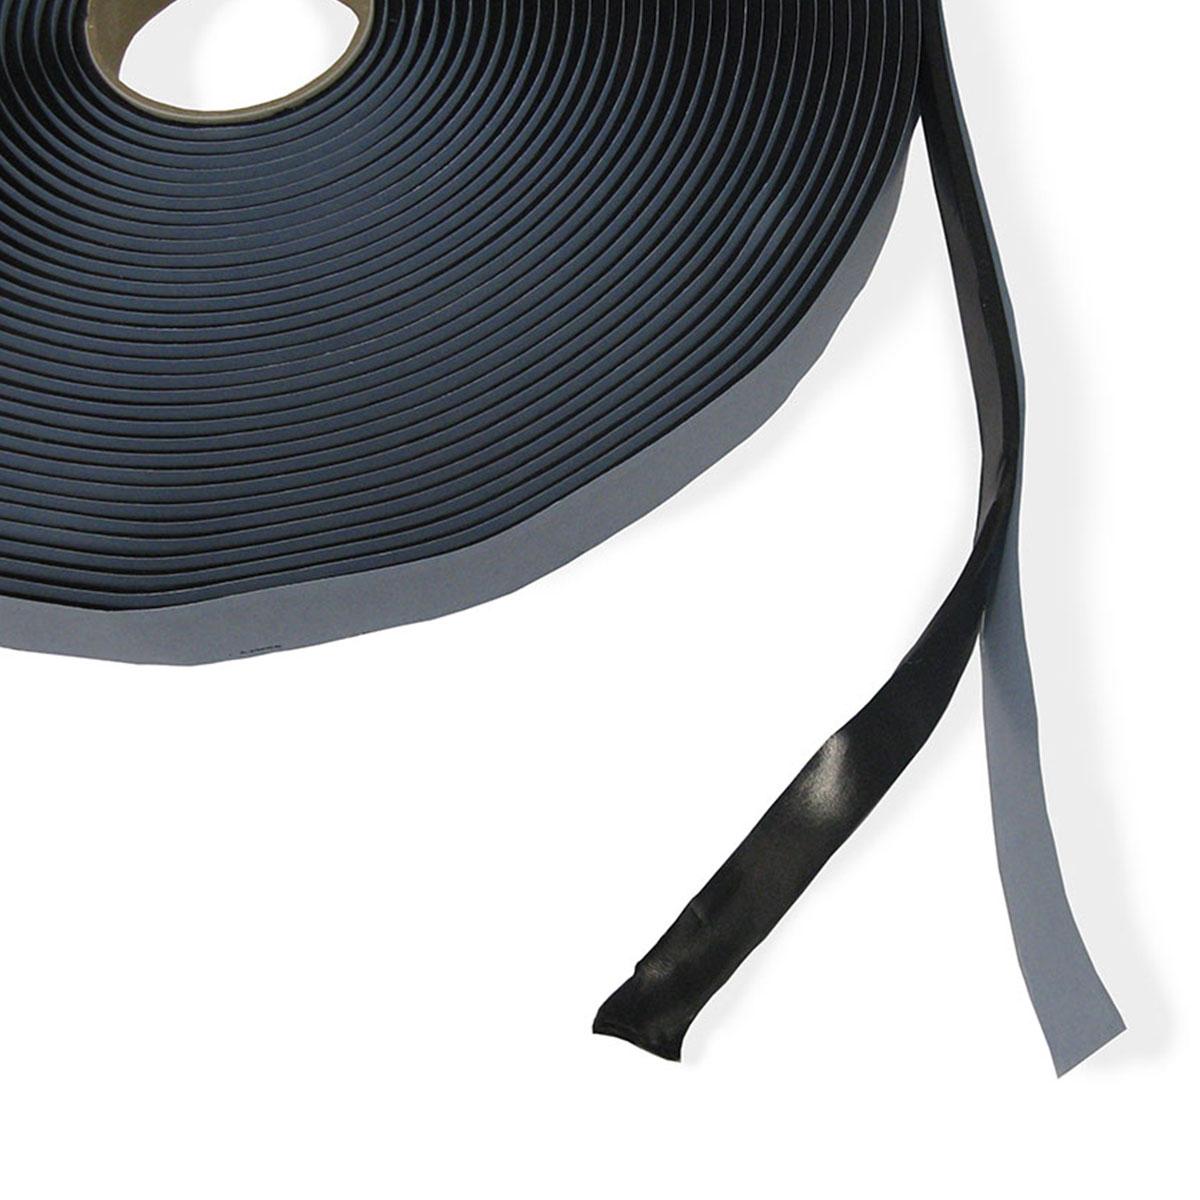 hitzebstndiges klebeband schwarz 3mm x 12mm x 15 meter